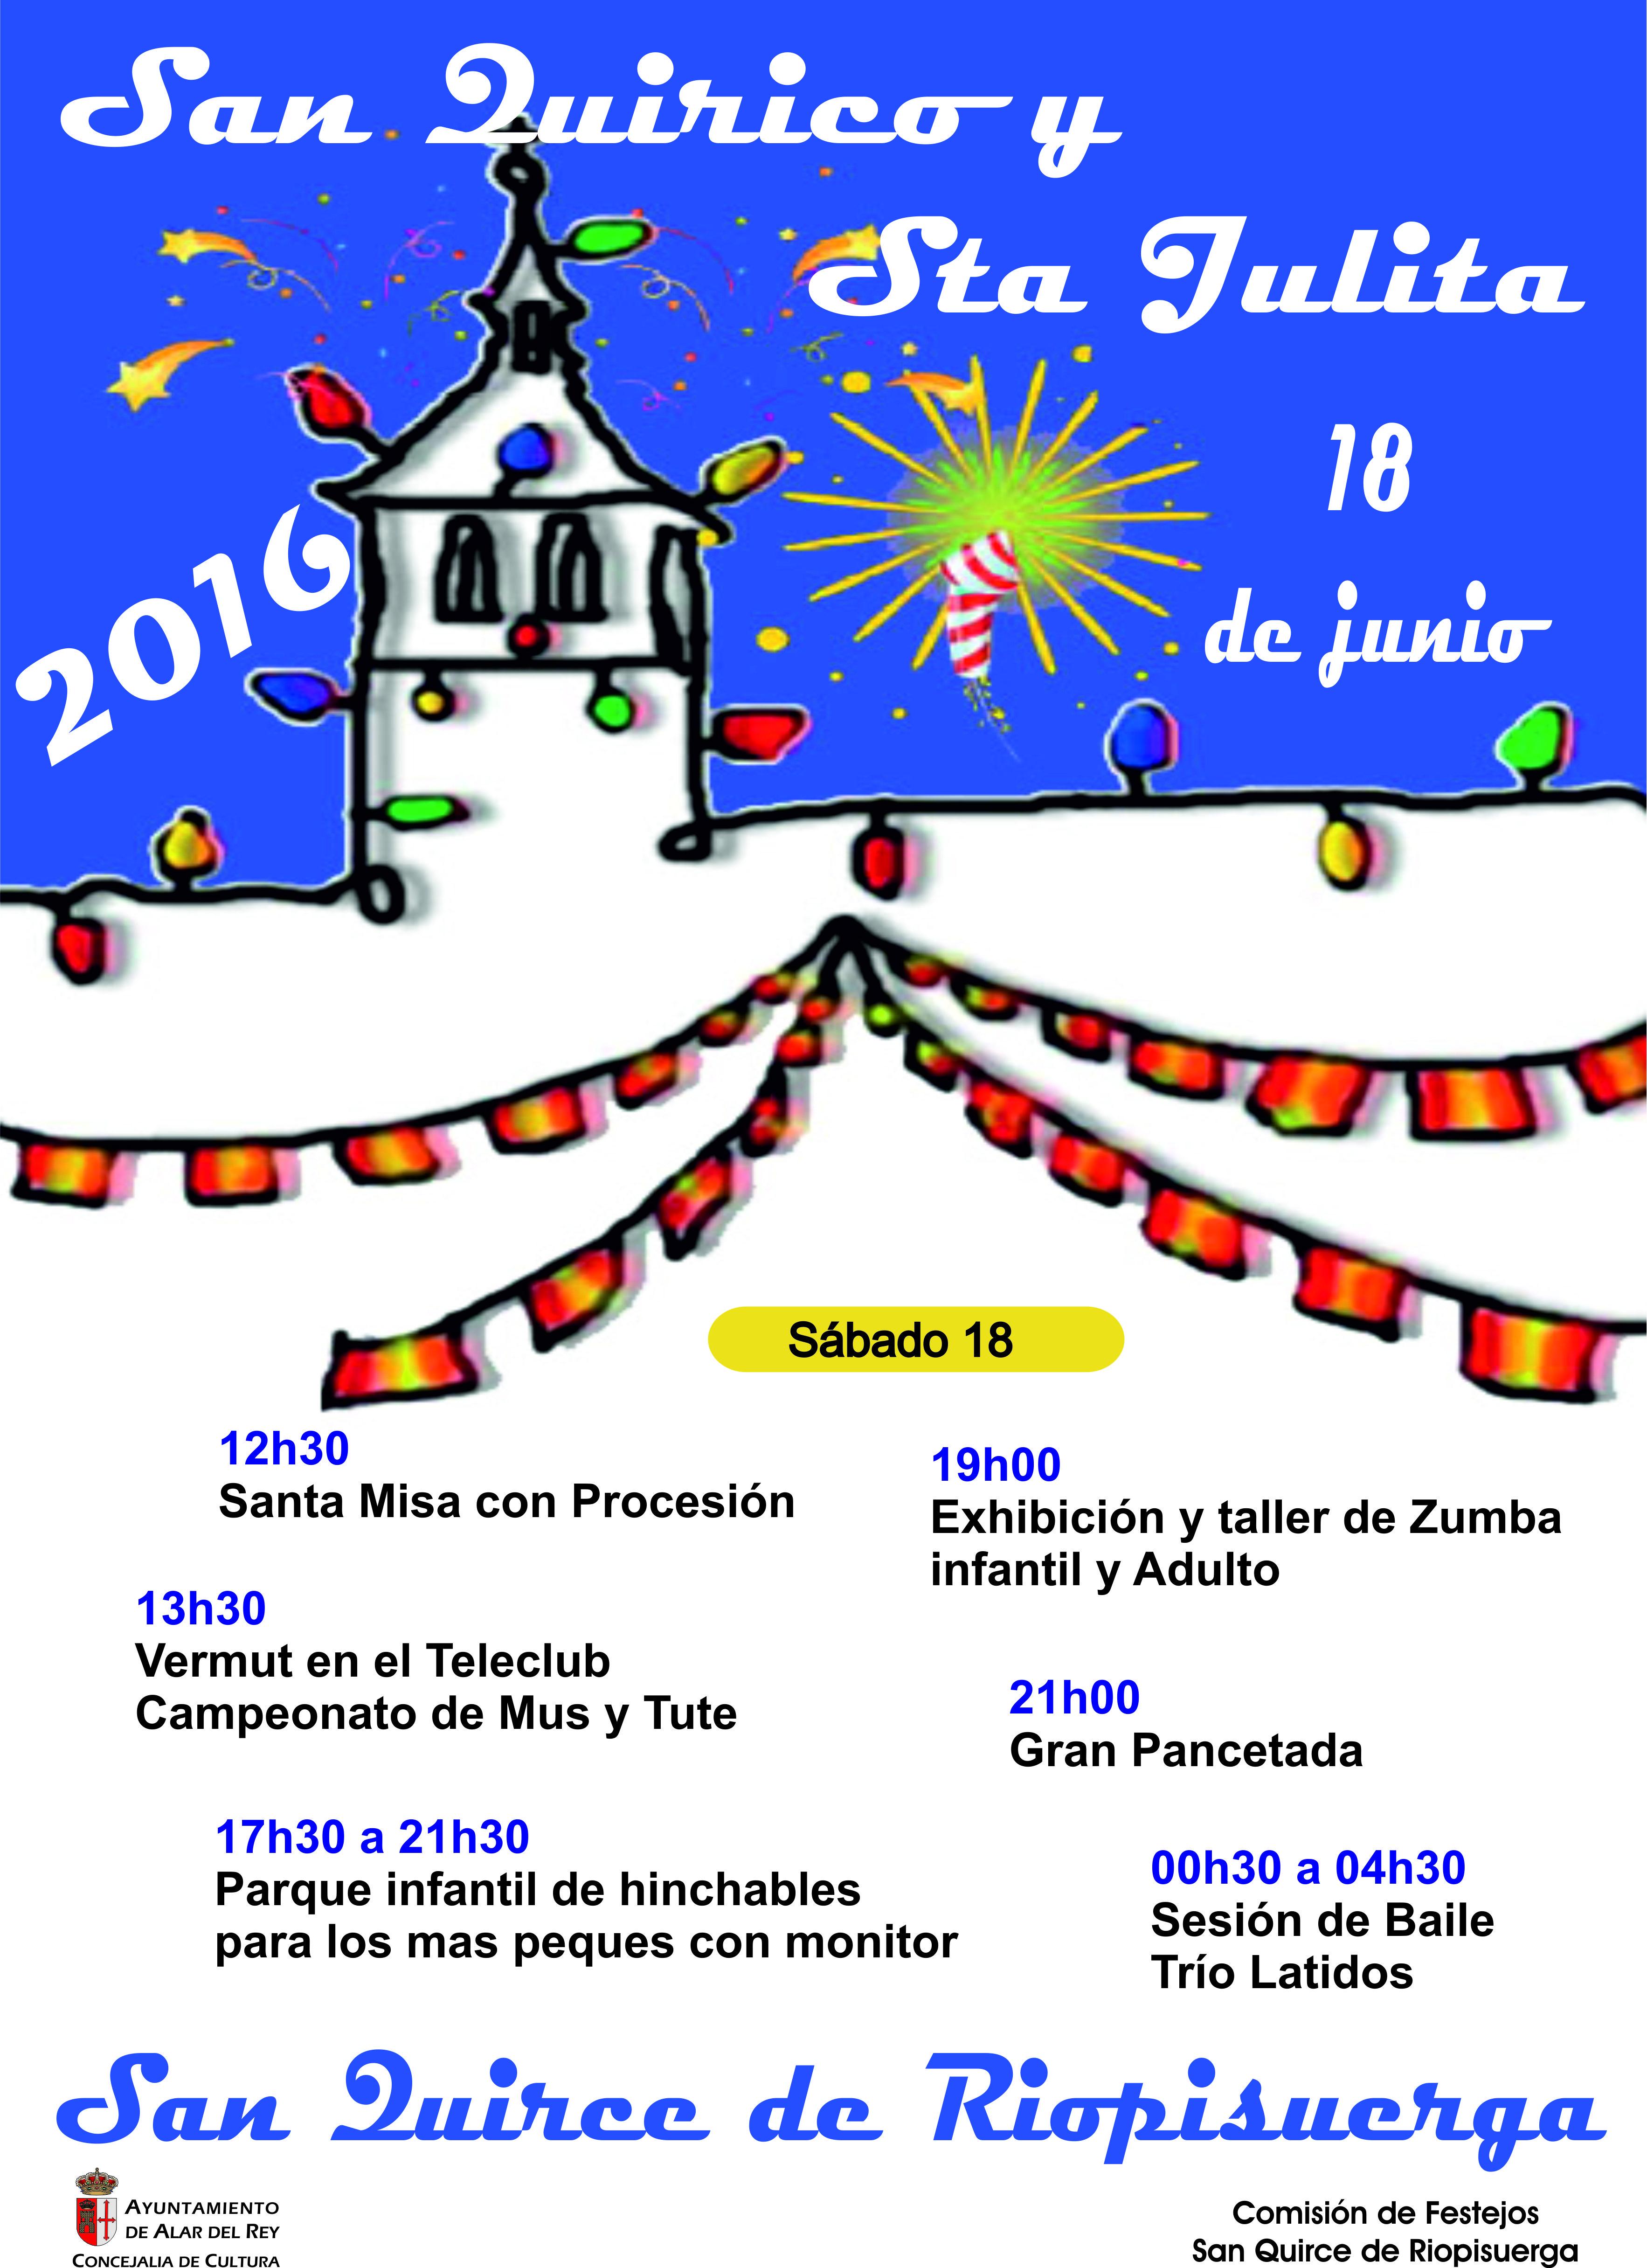 FIESTAS DE SAN QUIRICO Y SANTA JULITA 2016 EN SAN QUIRCE DE RIOPISUERGA